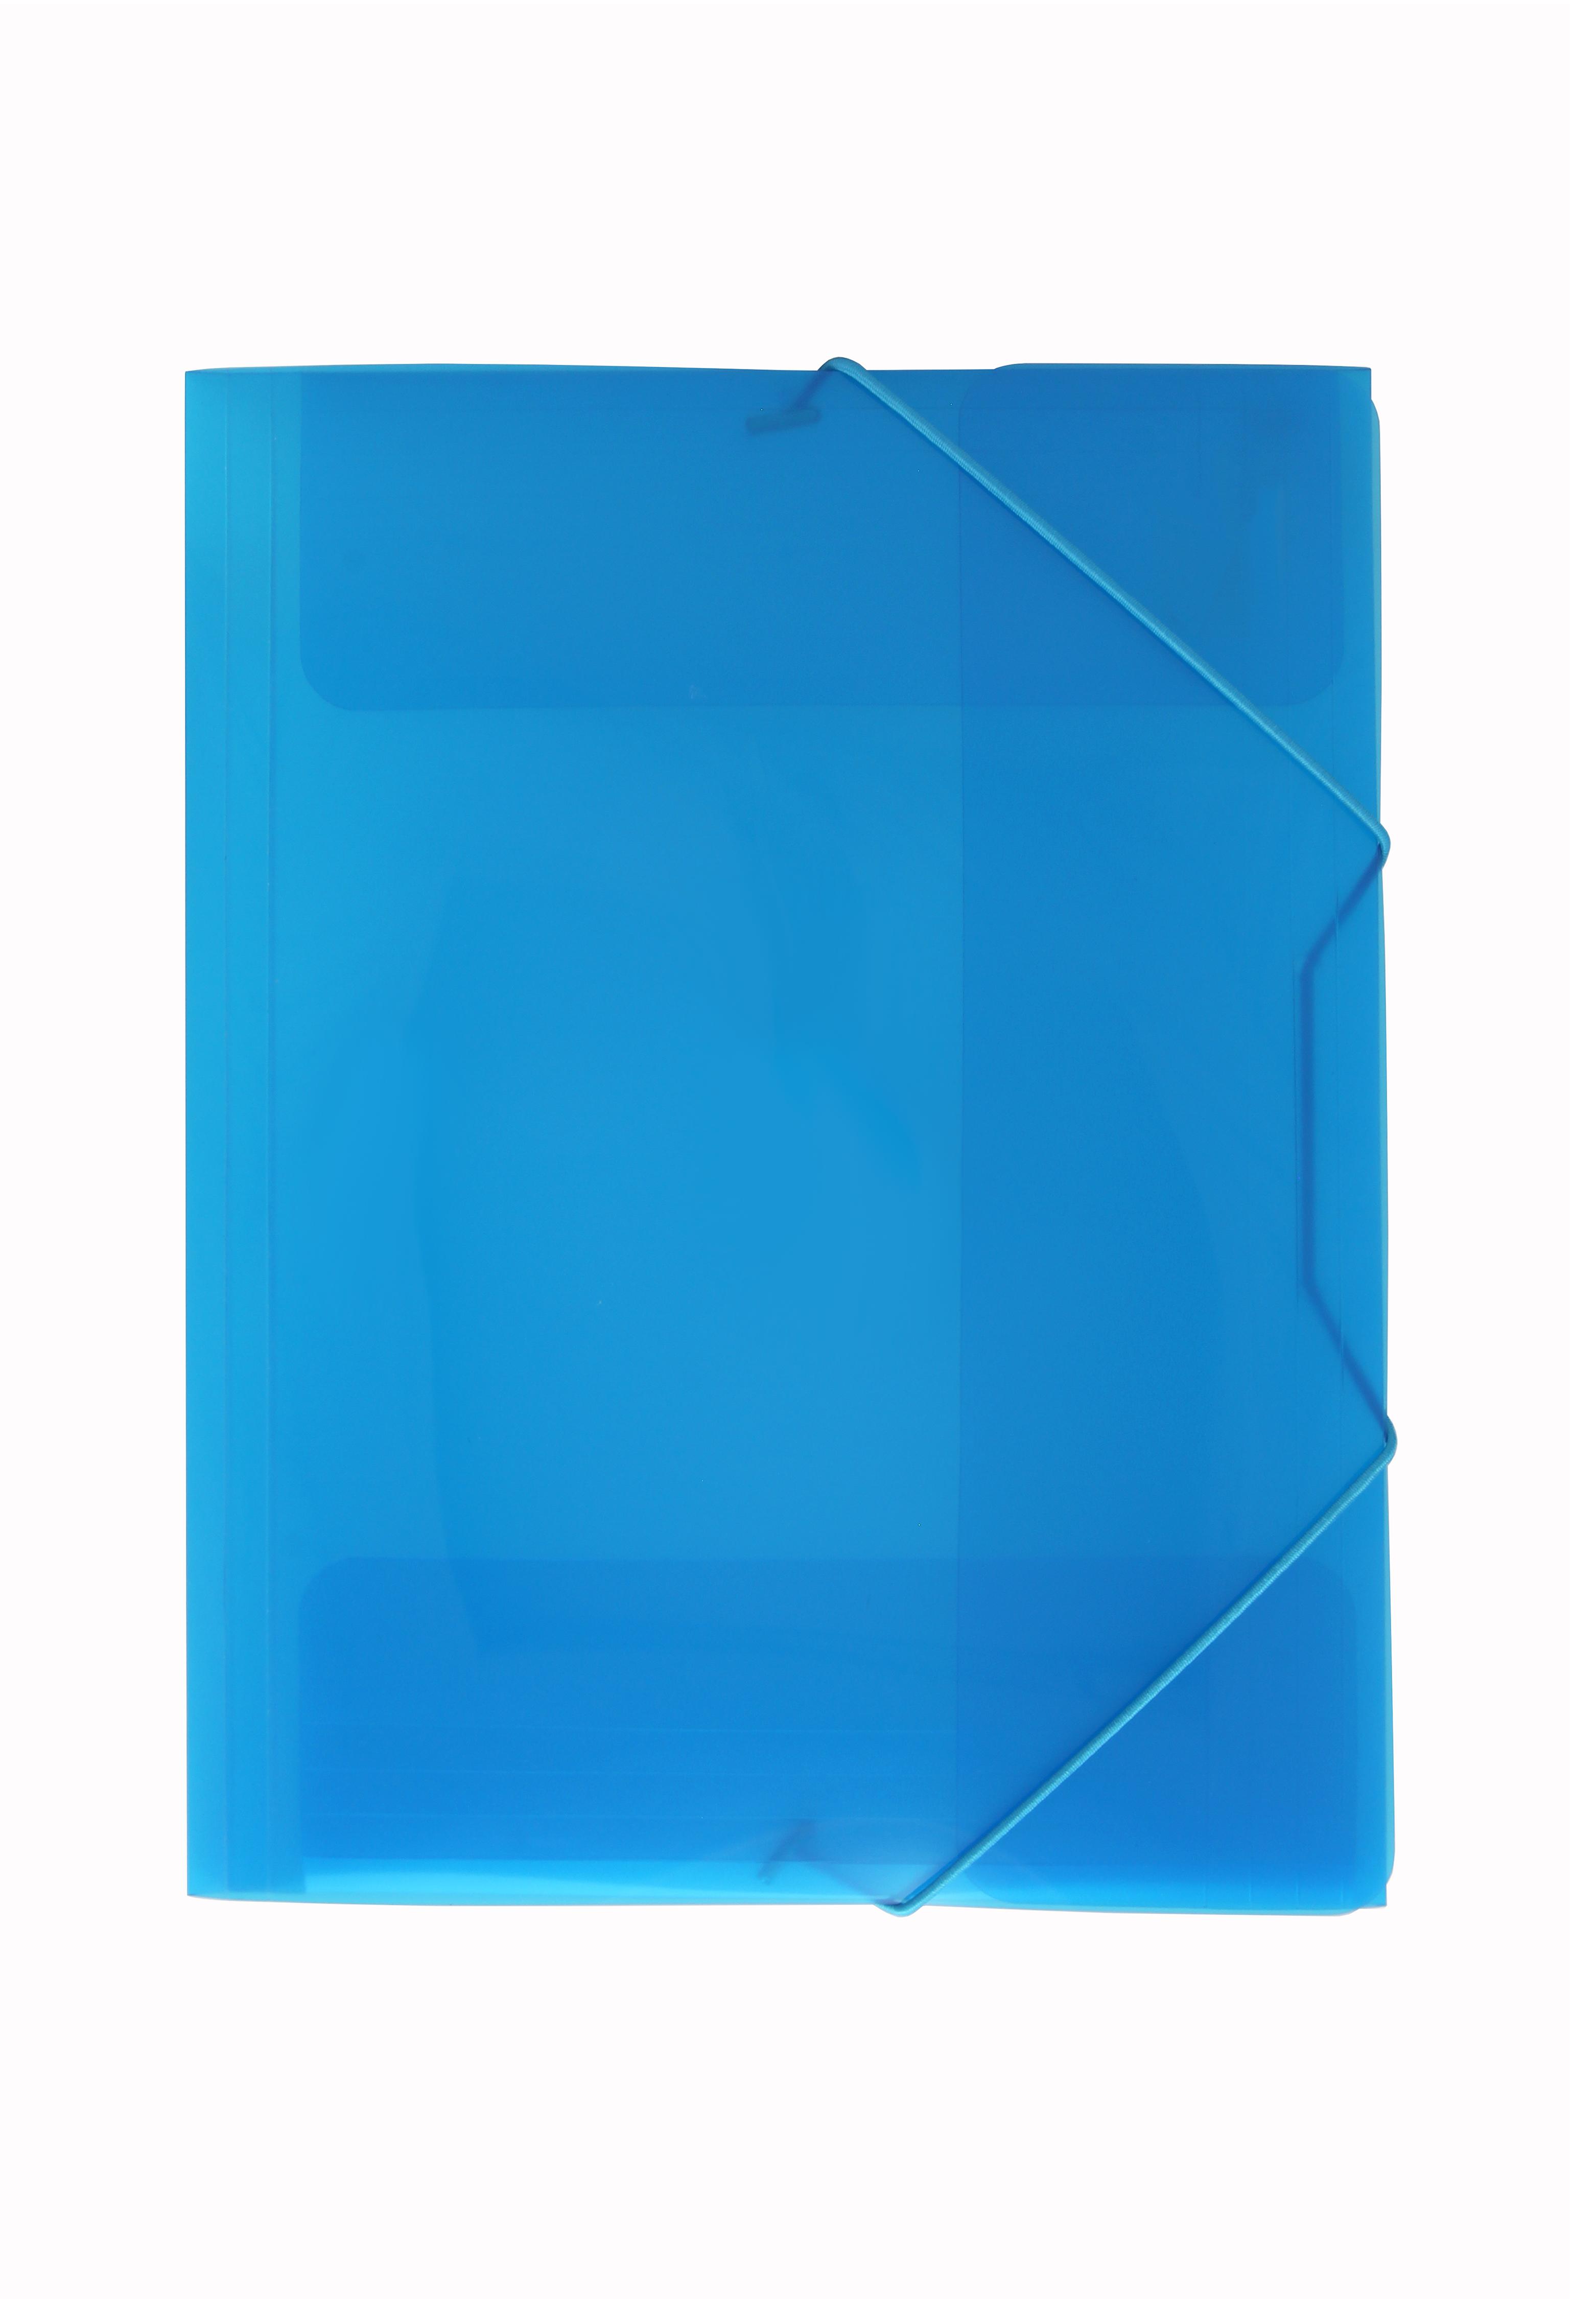 Image of   3-klap elastikmappe A4 transp. blå